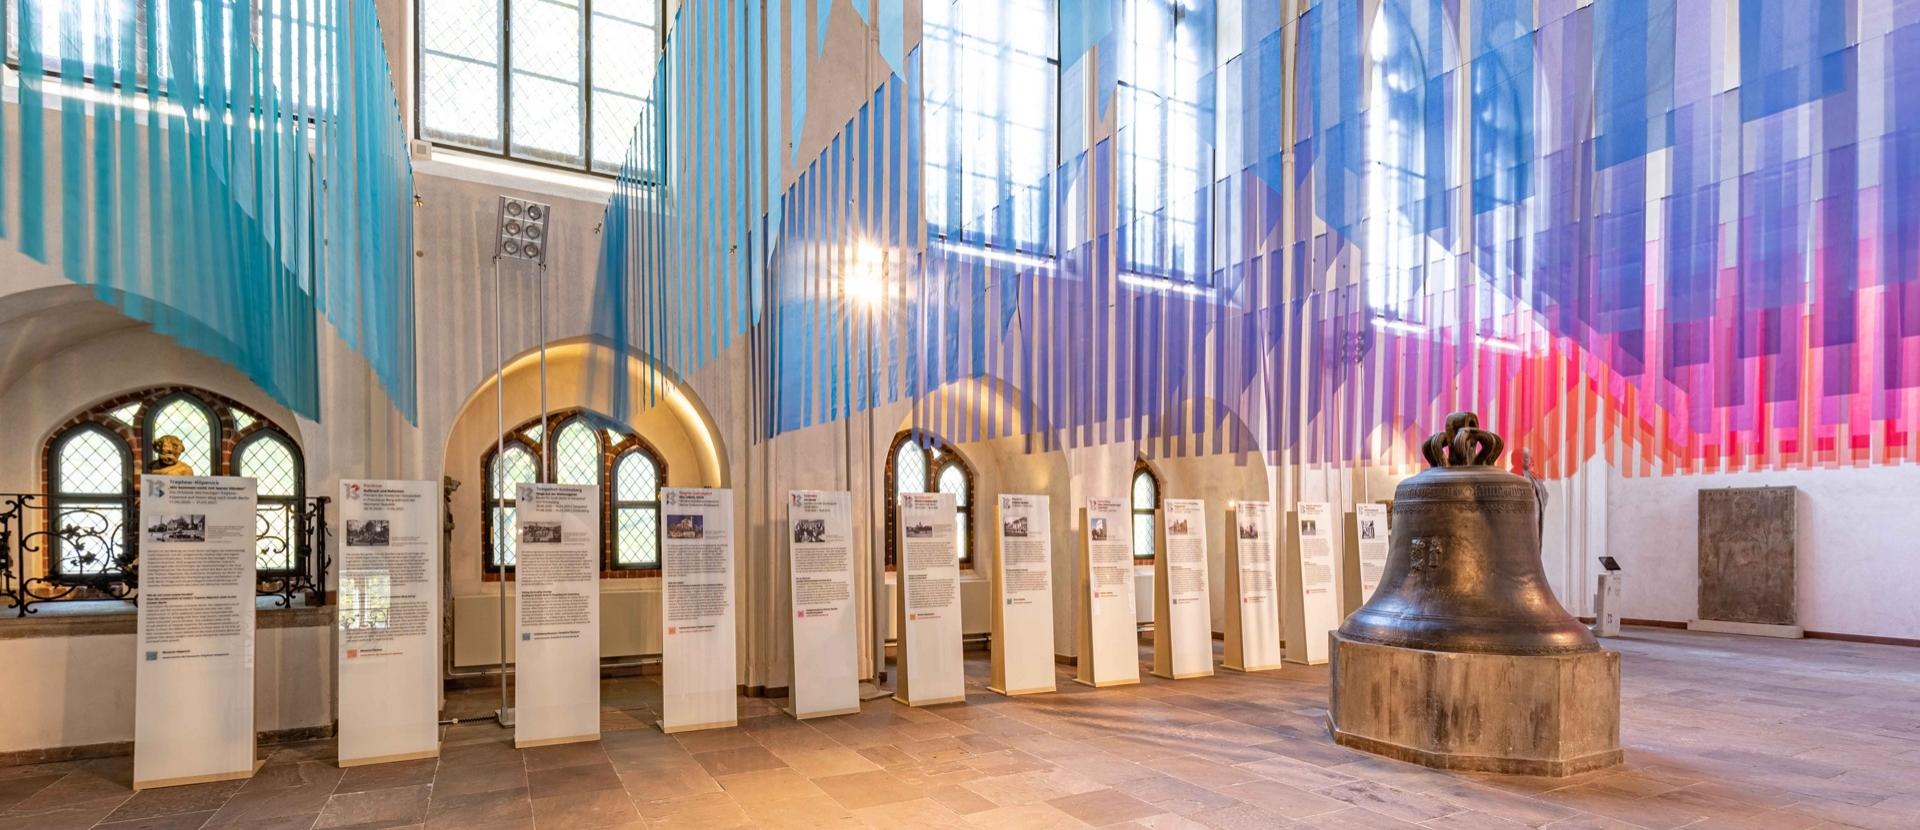 Märkisches Museum Berlin